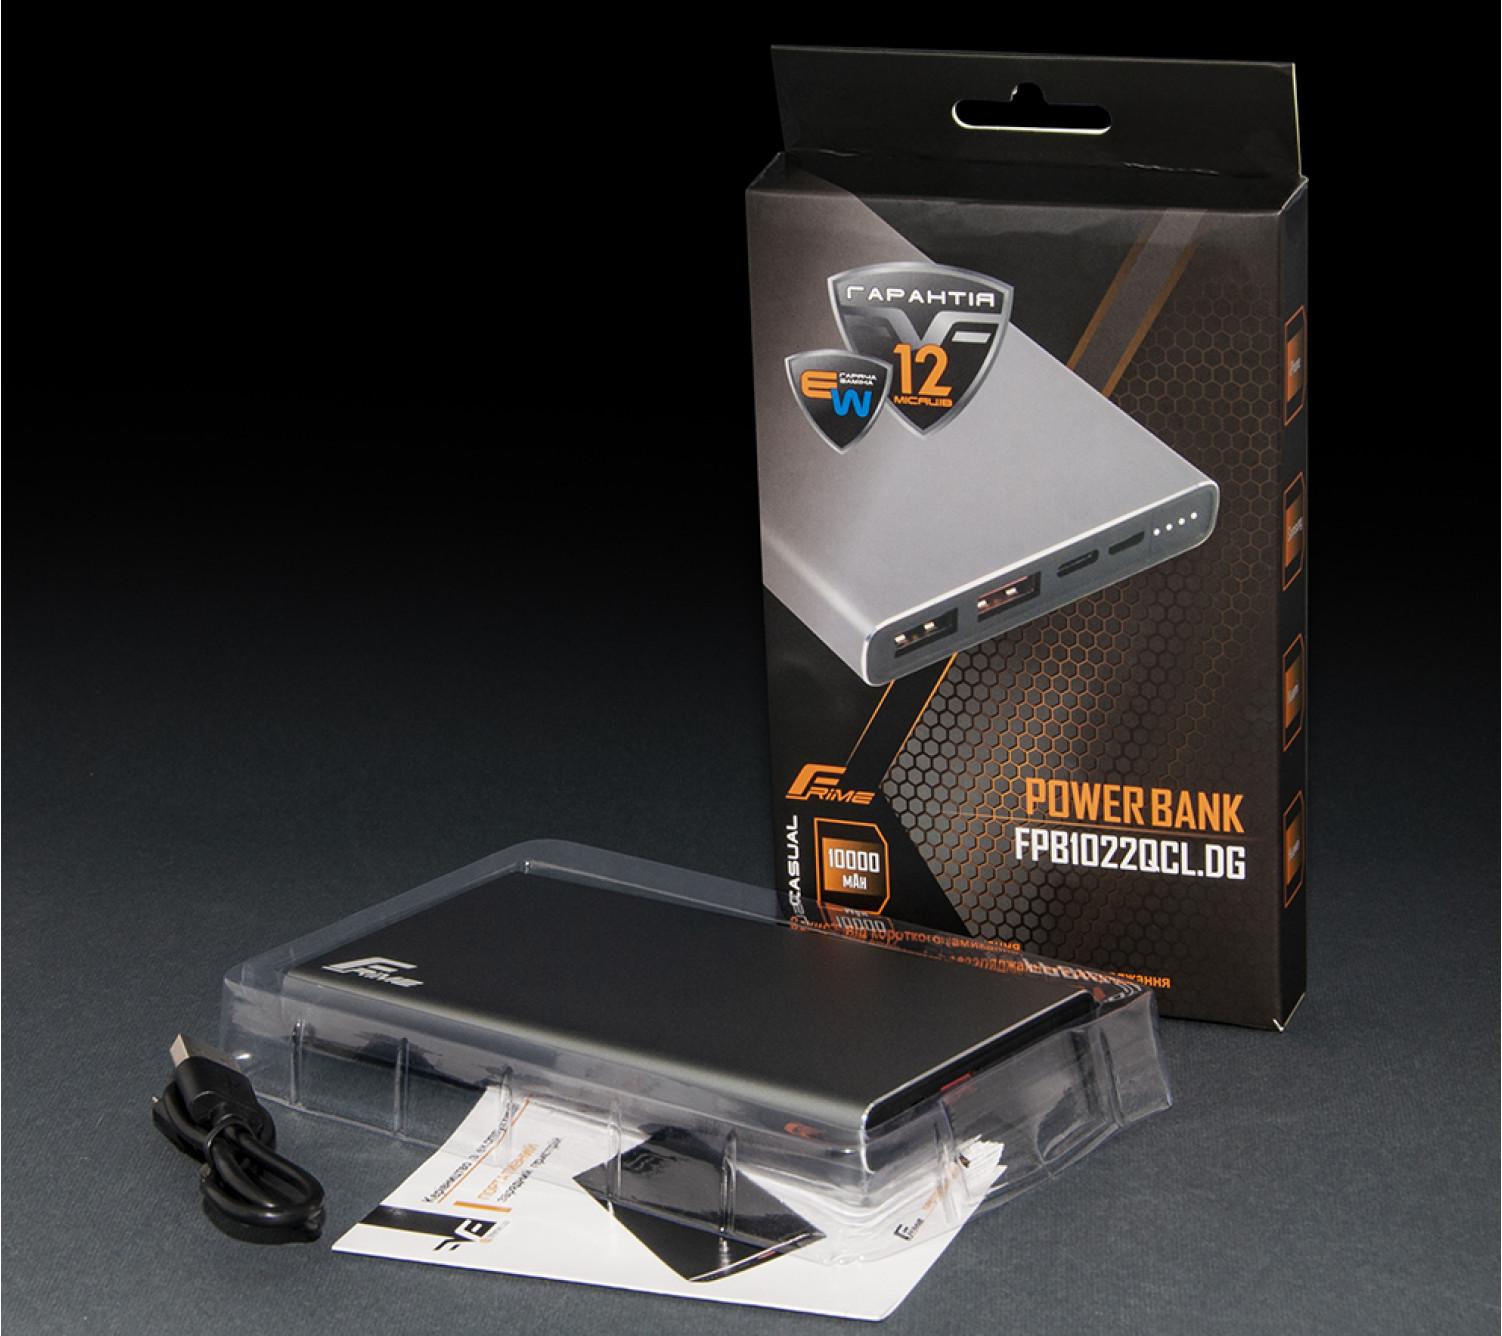 Универсальная мобильная батарея Frime 10000mAh QC3.0 Dark Grey (FPB1022QCL.DG)